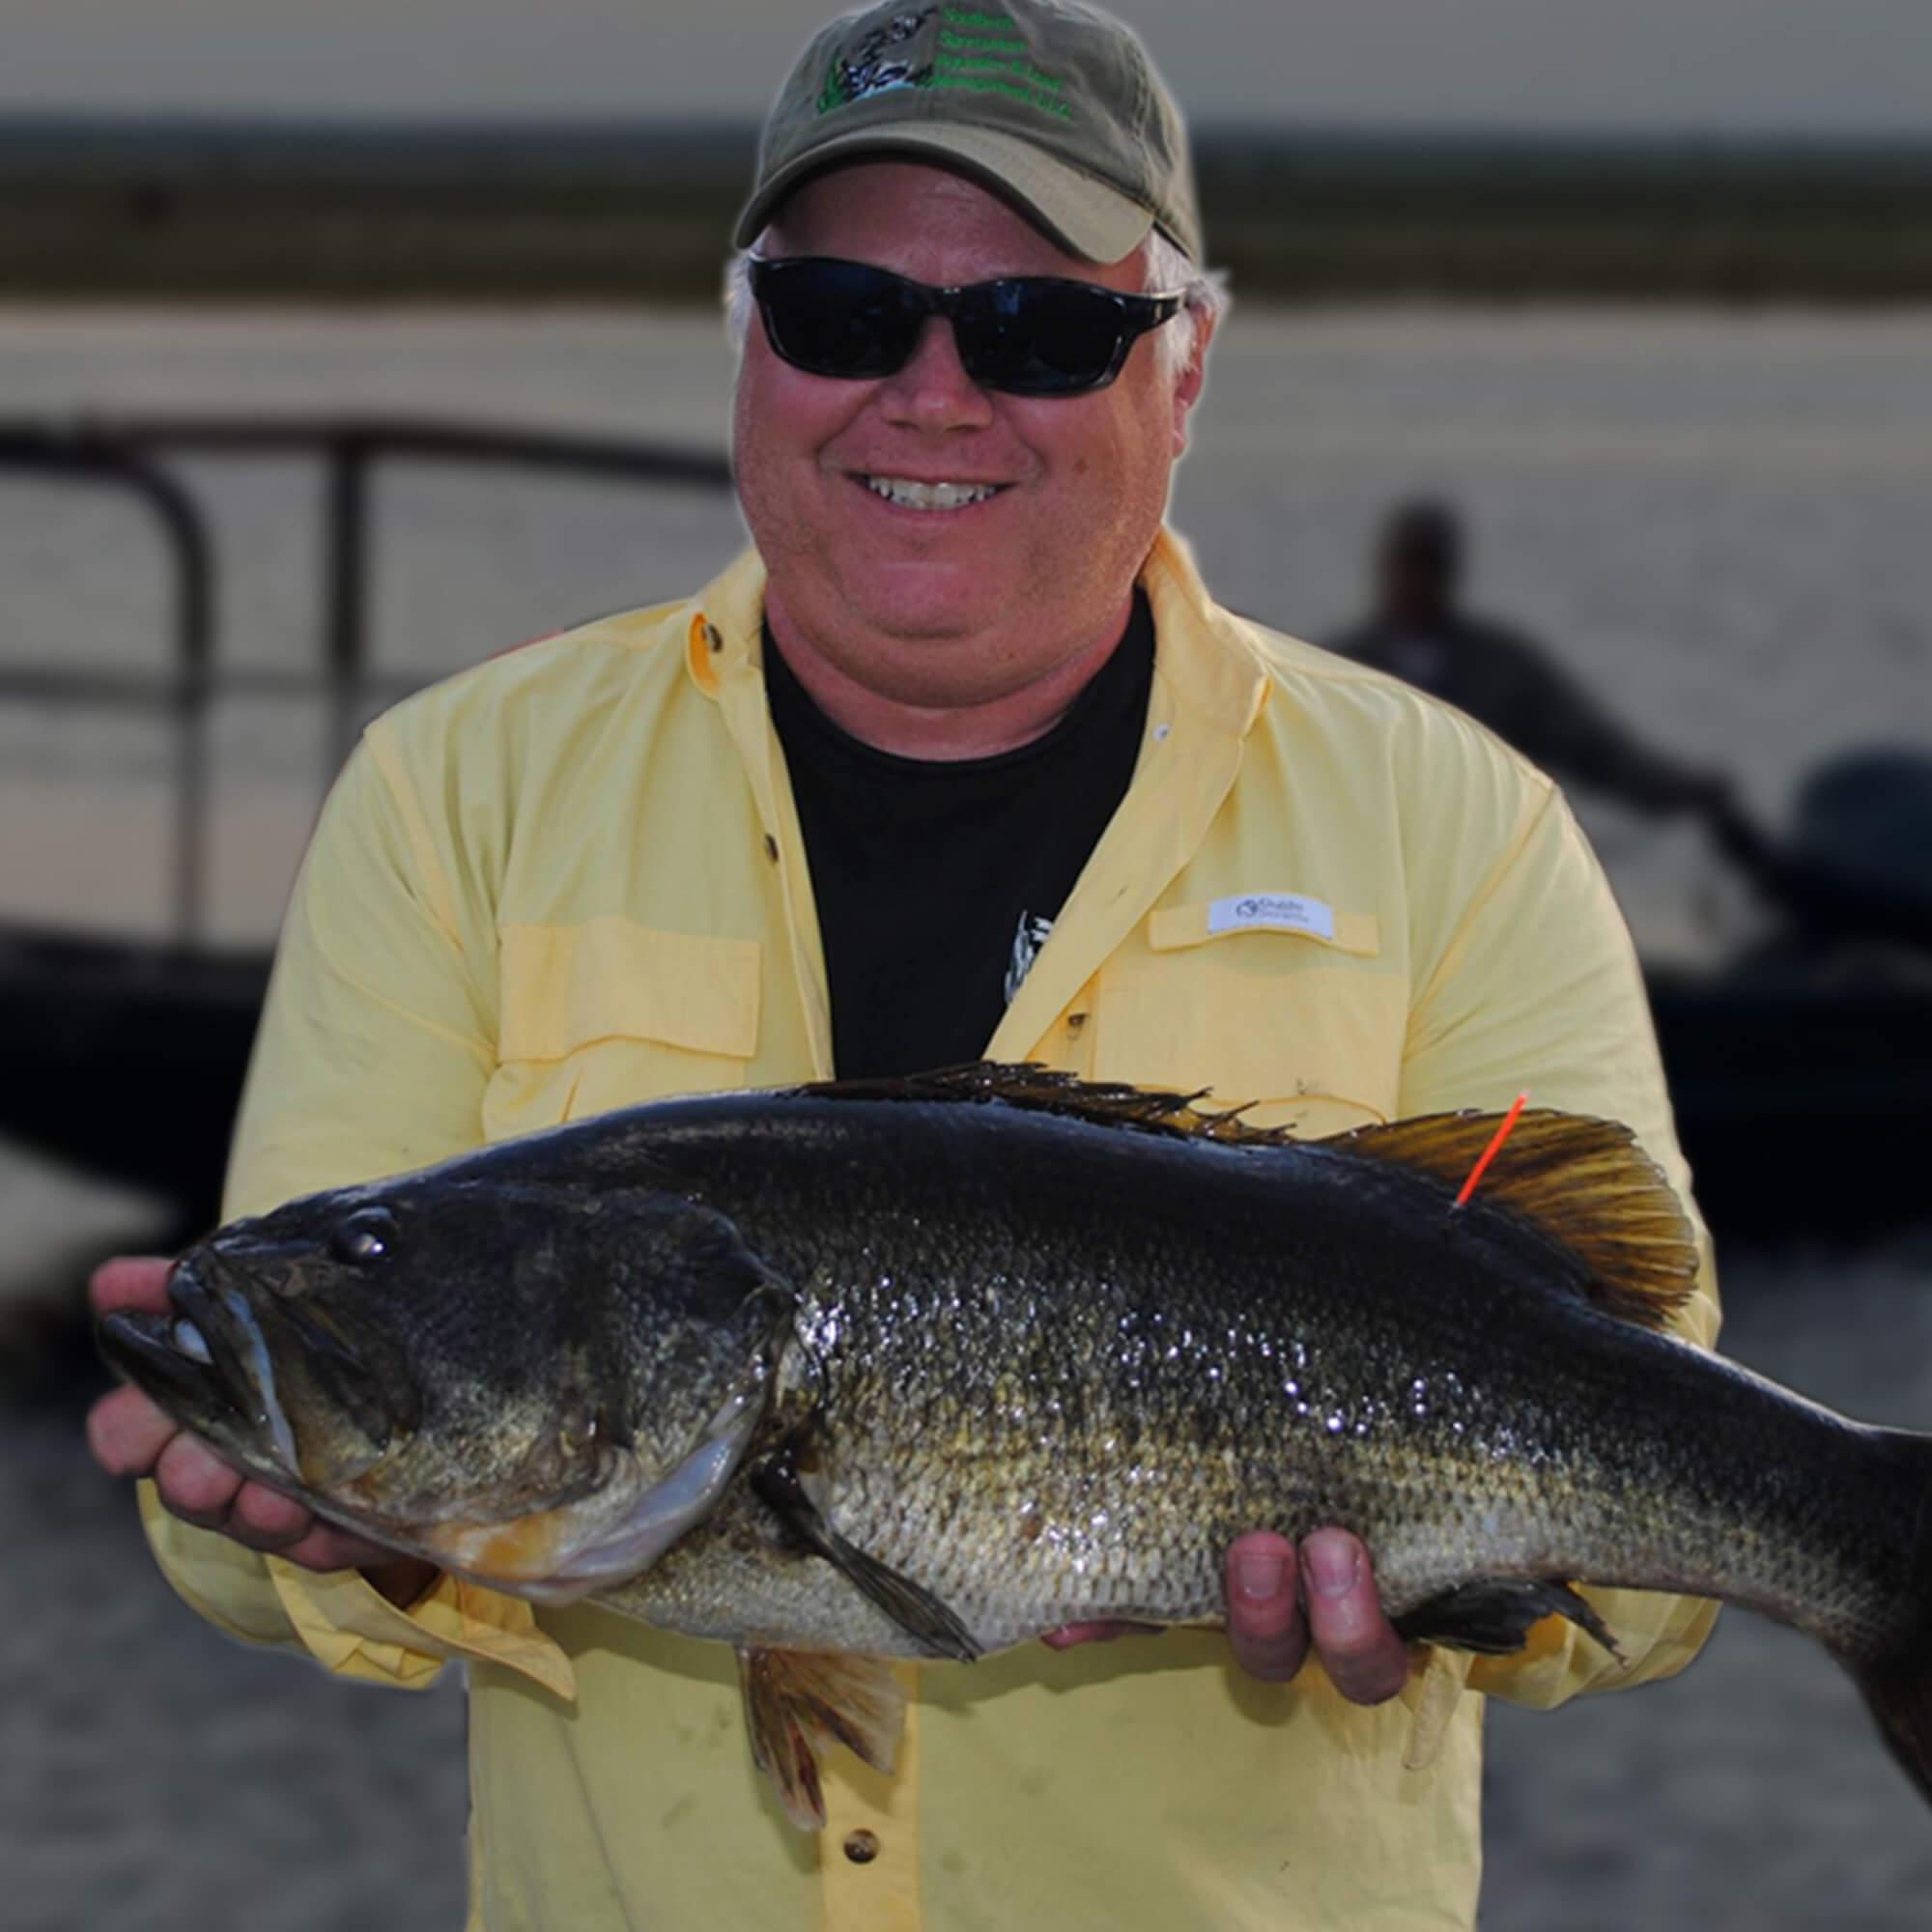 Scott Brown, Southern Sportsman Aquatics & Land Management, Hempkins Insurance Client